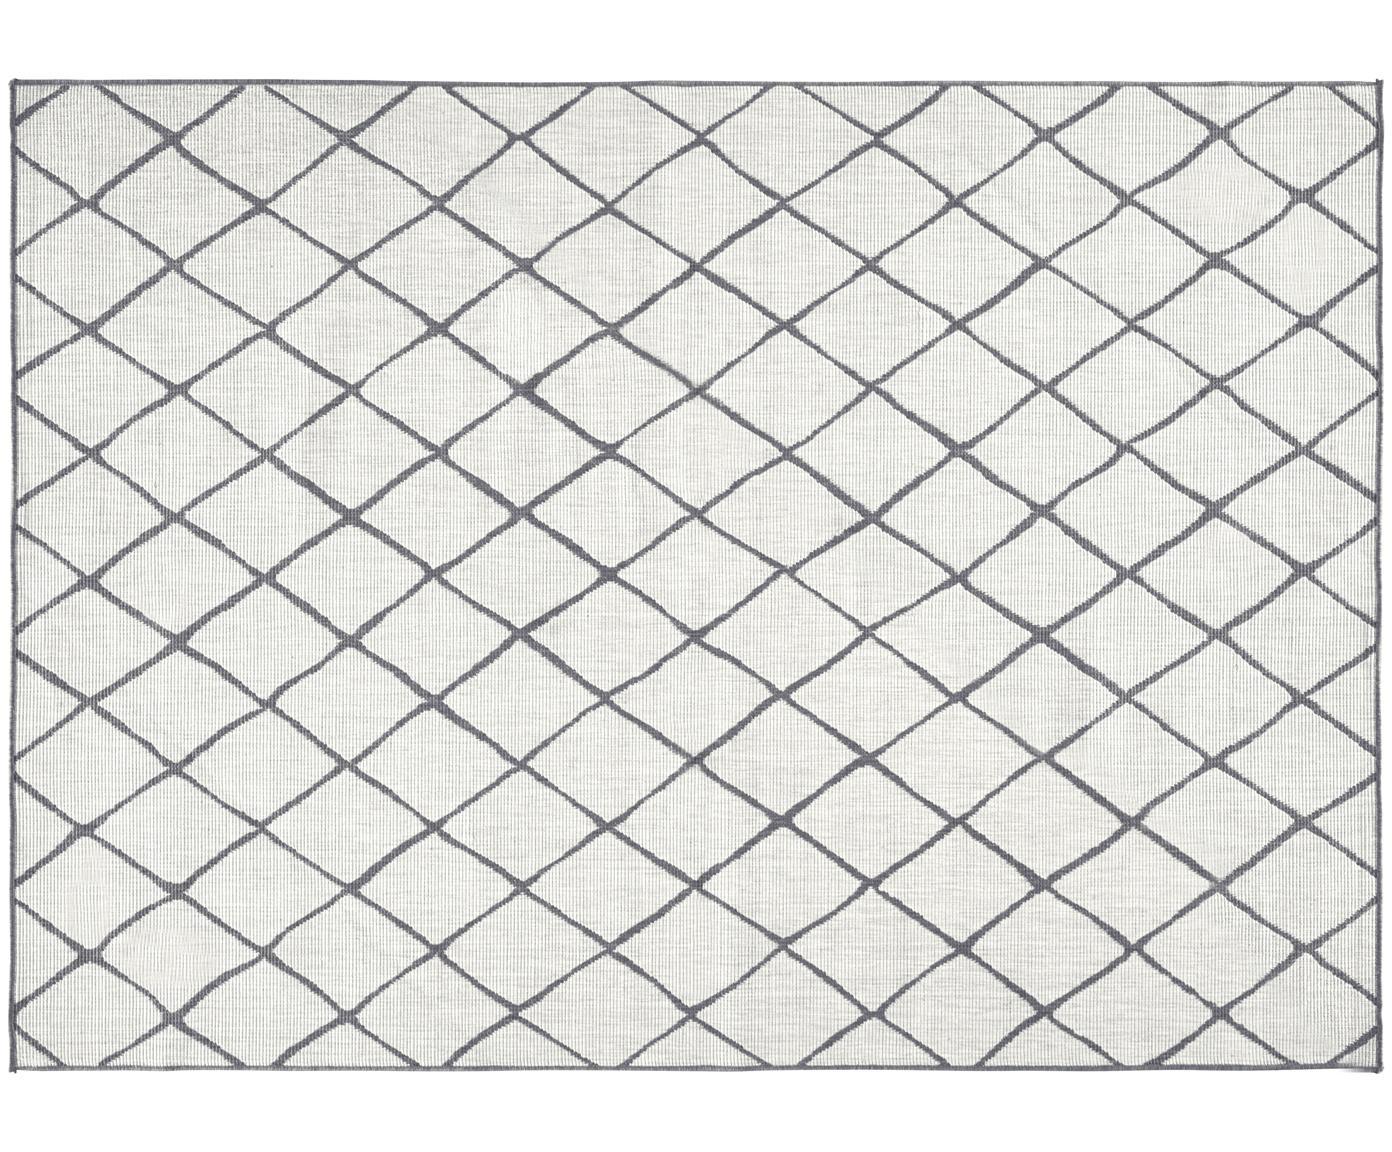 In- und Outdoor-Wendeteppich Malaga mit Rautenmuster, Grau/Creme, Grau, Cremefarben, B 80 x L 150 cm (Größe XS)